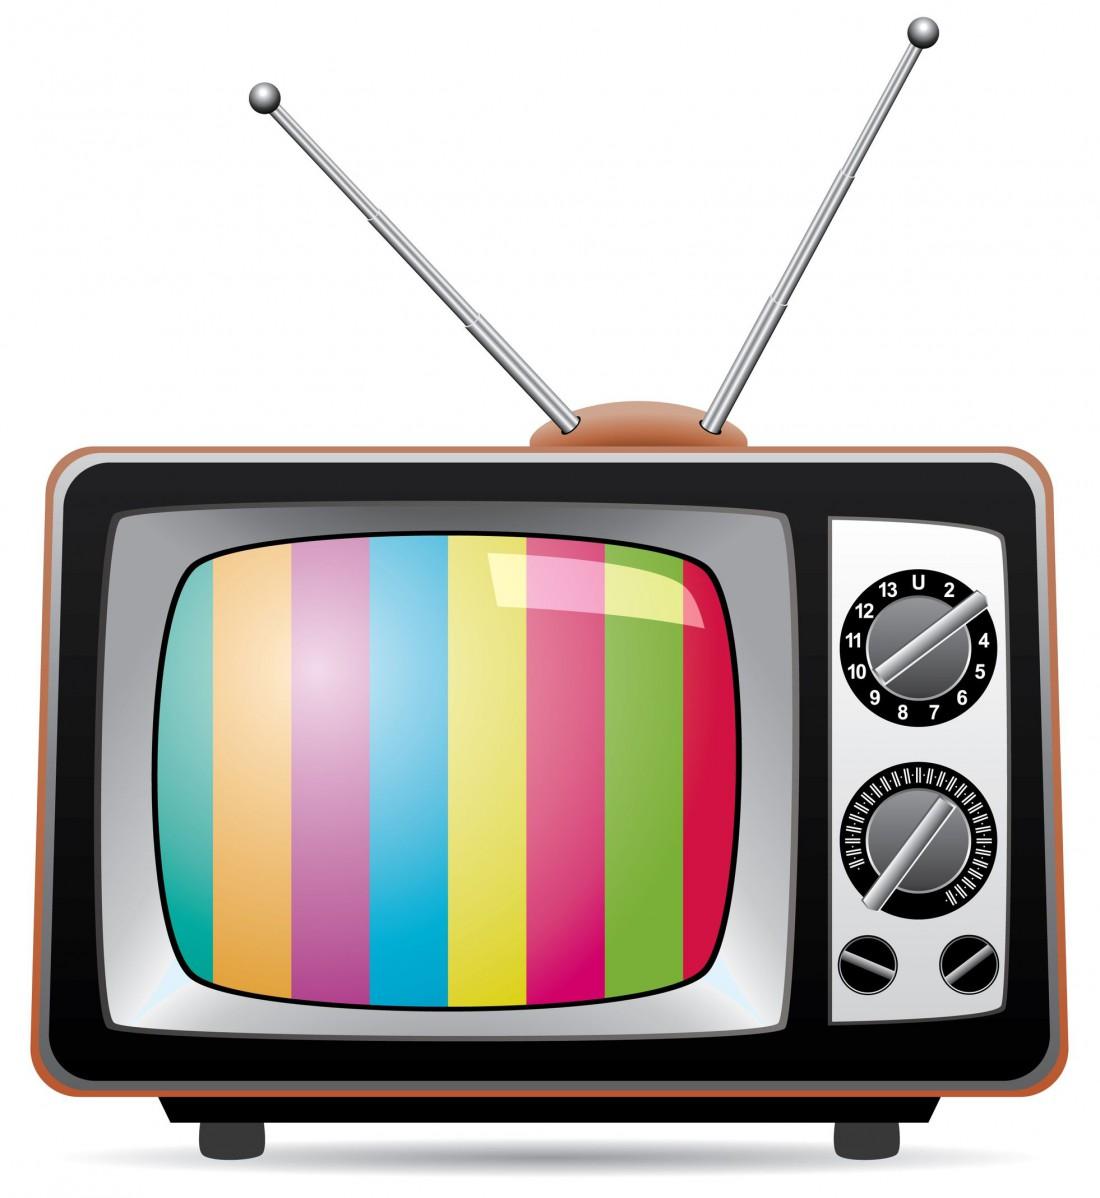 Tv Sets - ClipArt Best